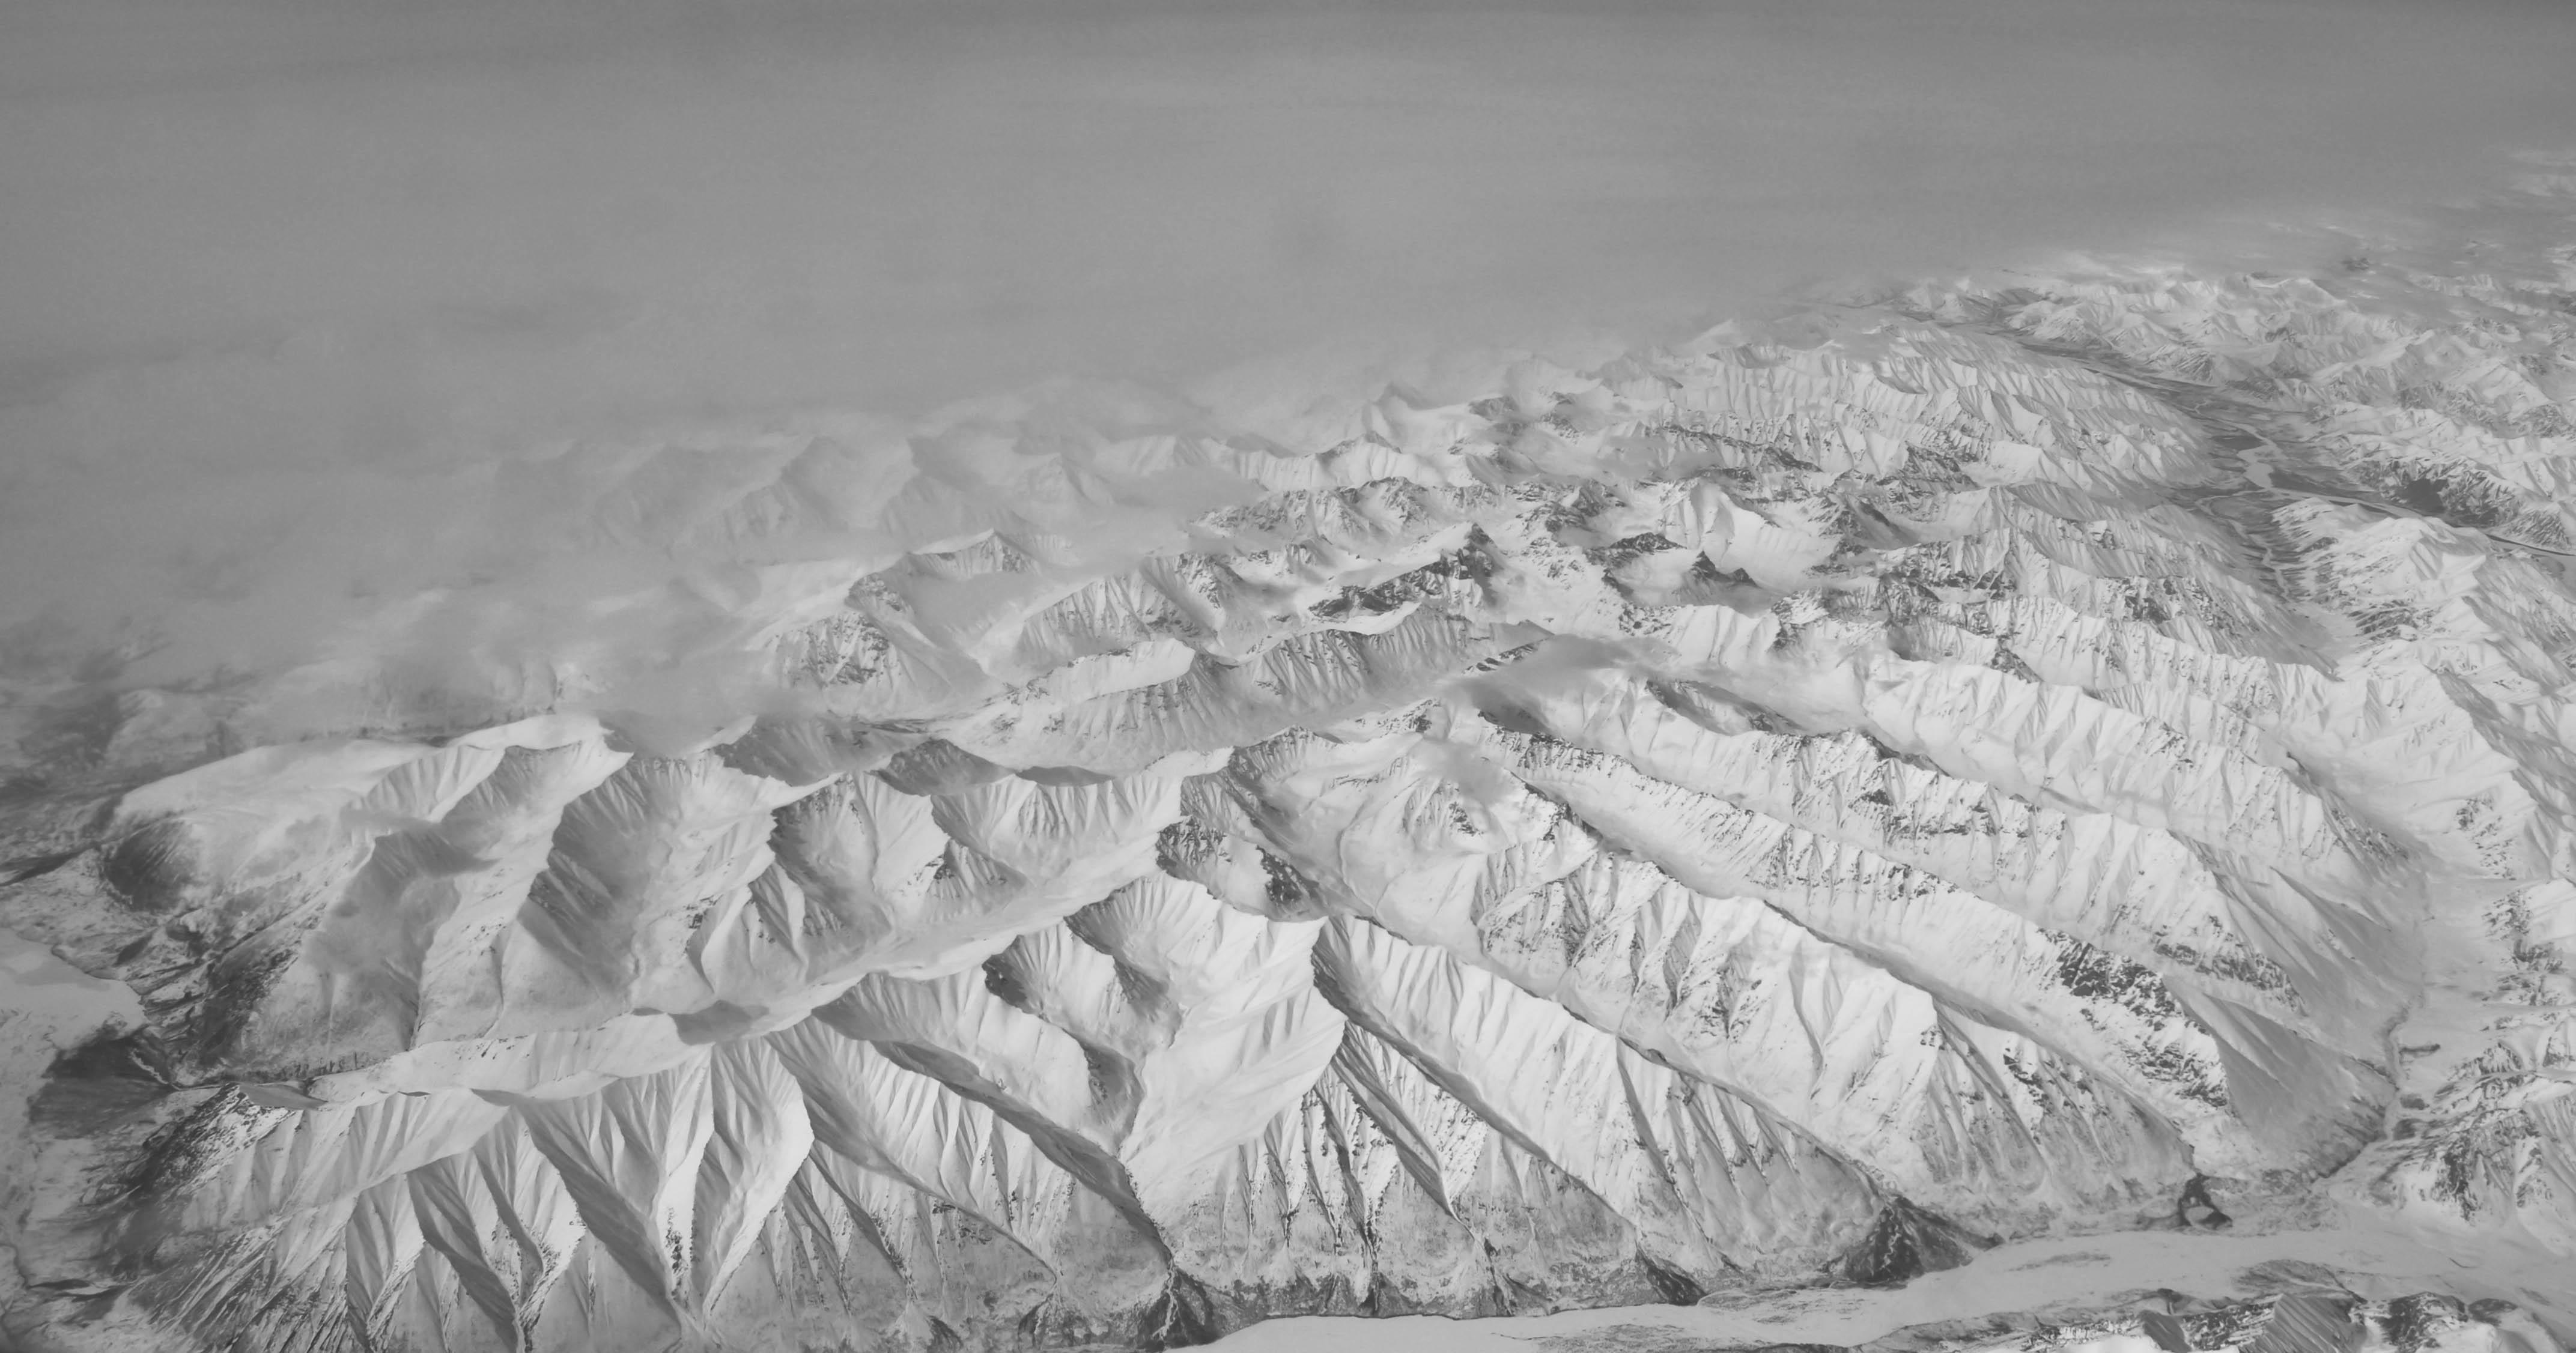 Gambar Gunung Musim Dingin Hitam Dan Putih Melihat Embun Beku